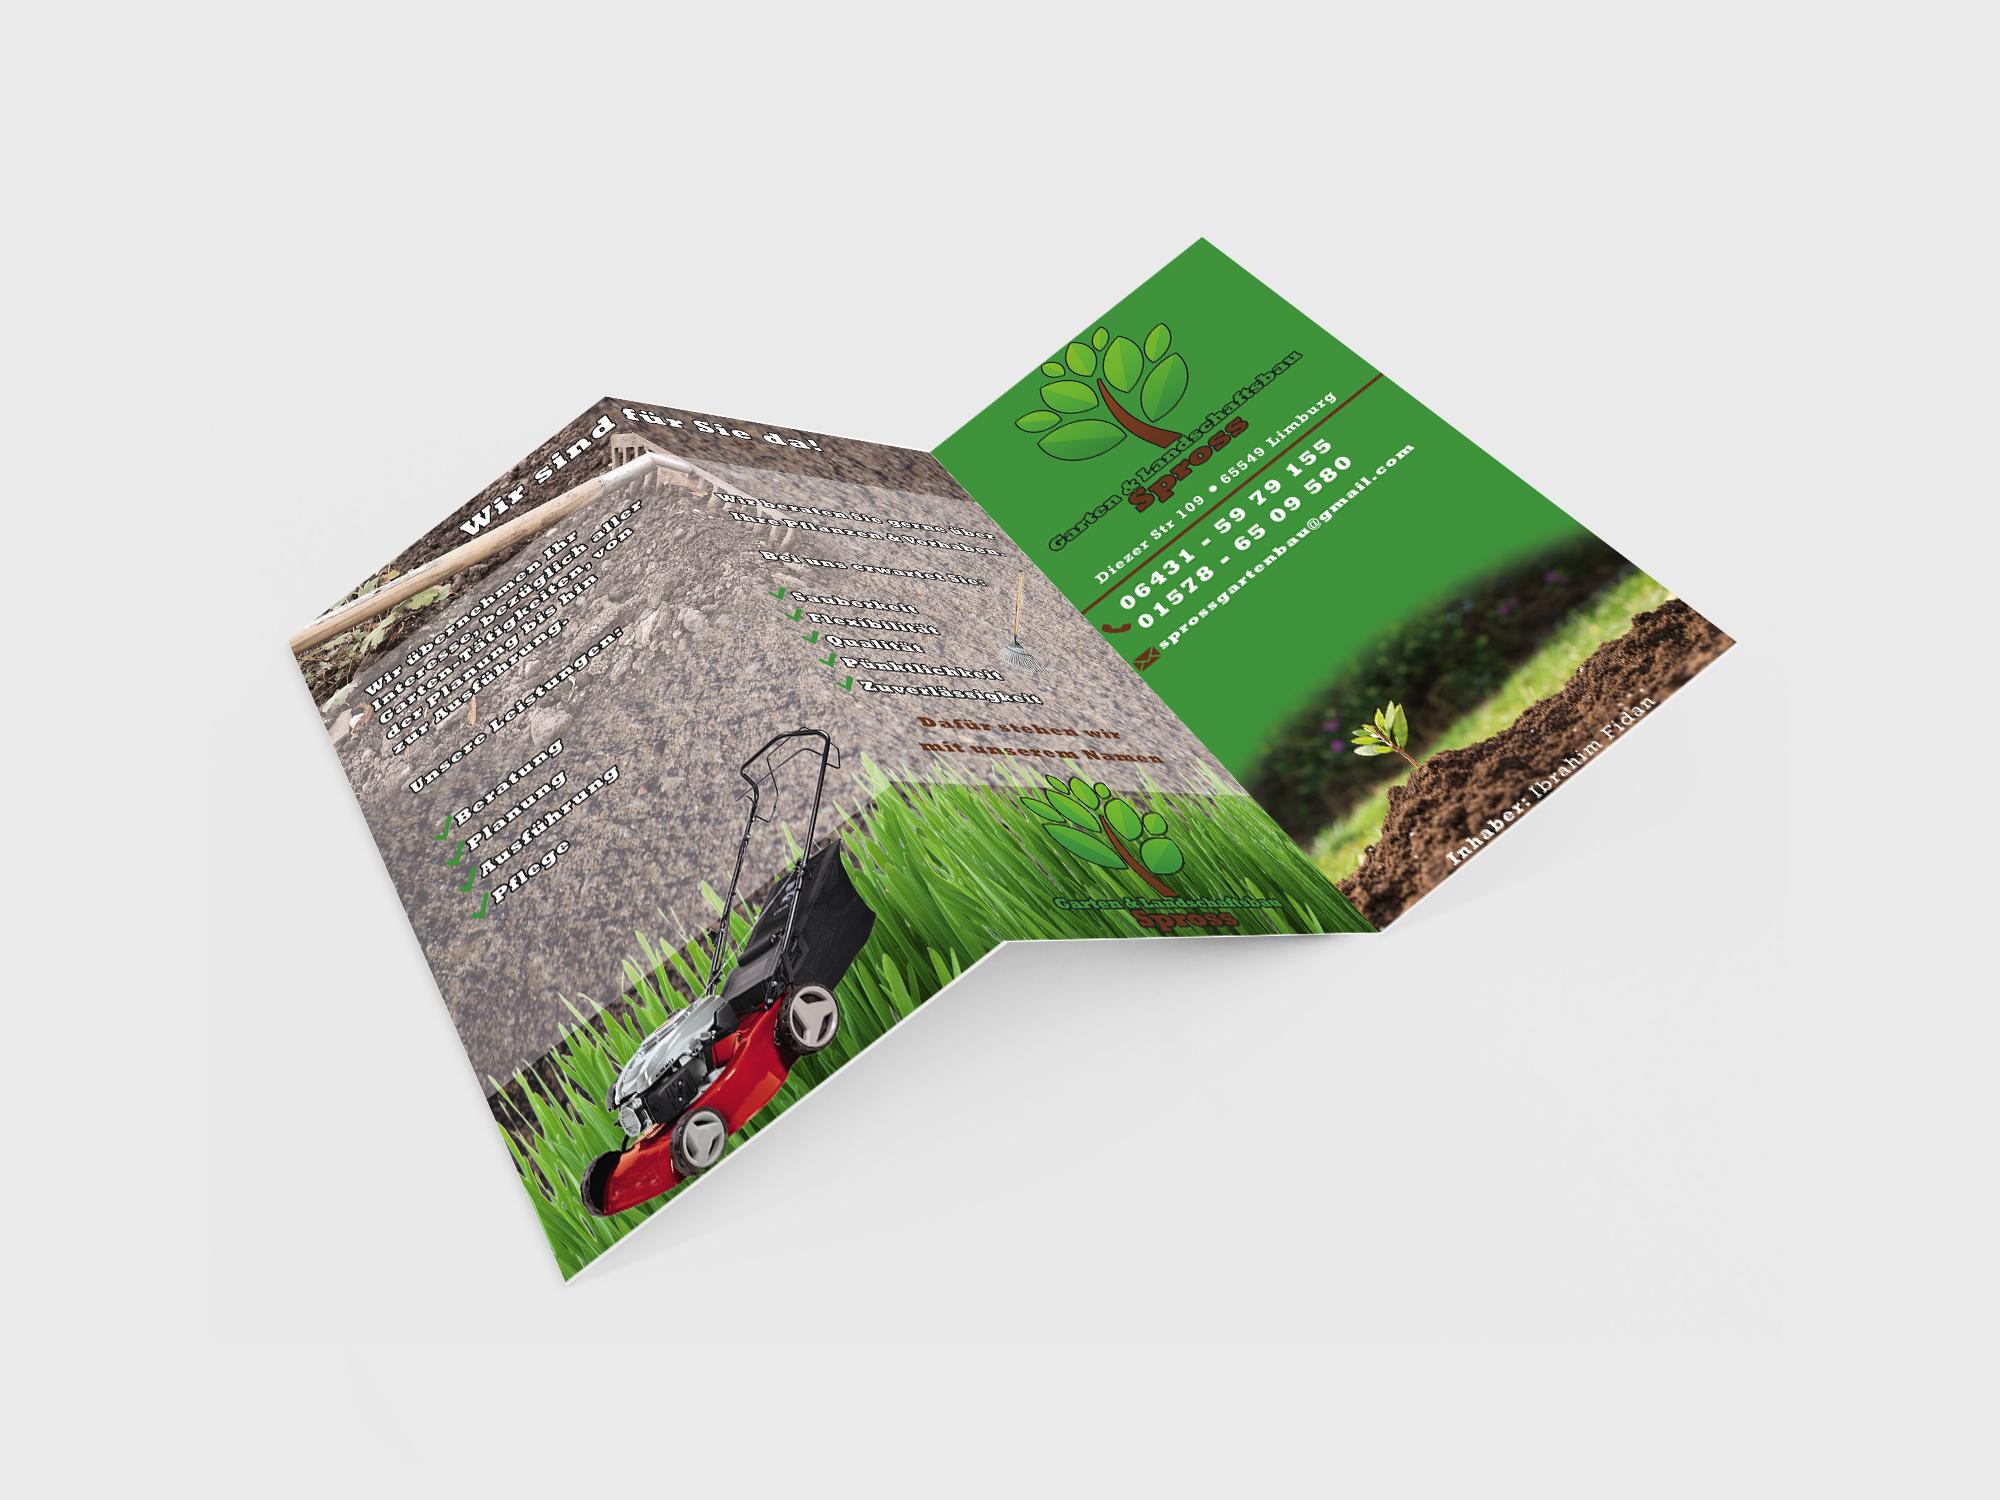 Spross Garten und Landschaftsbau Flyer Außen Präsentation